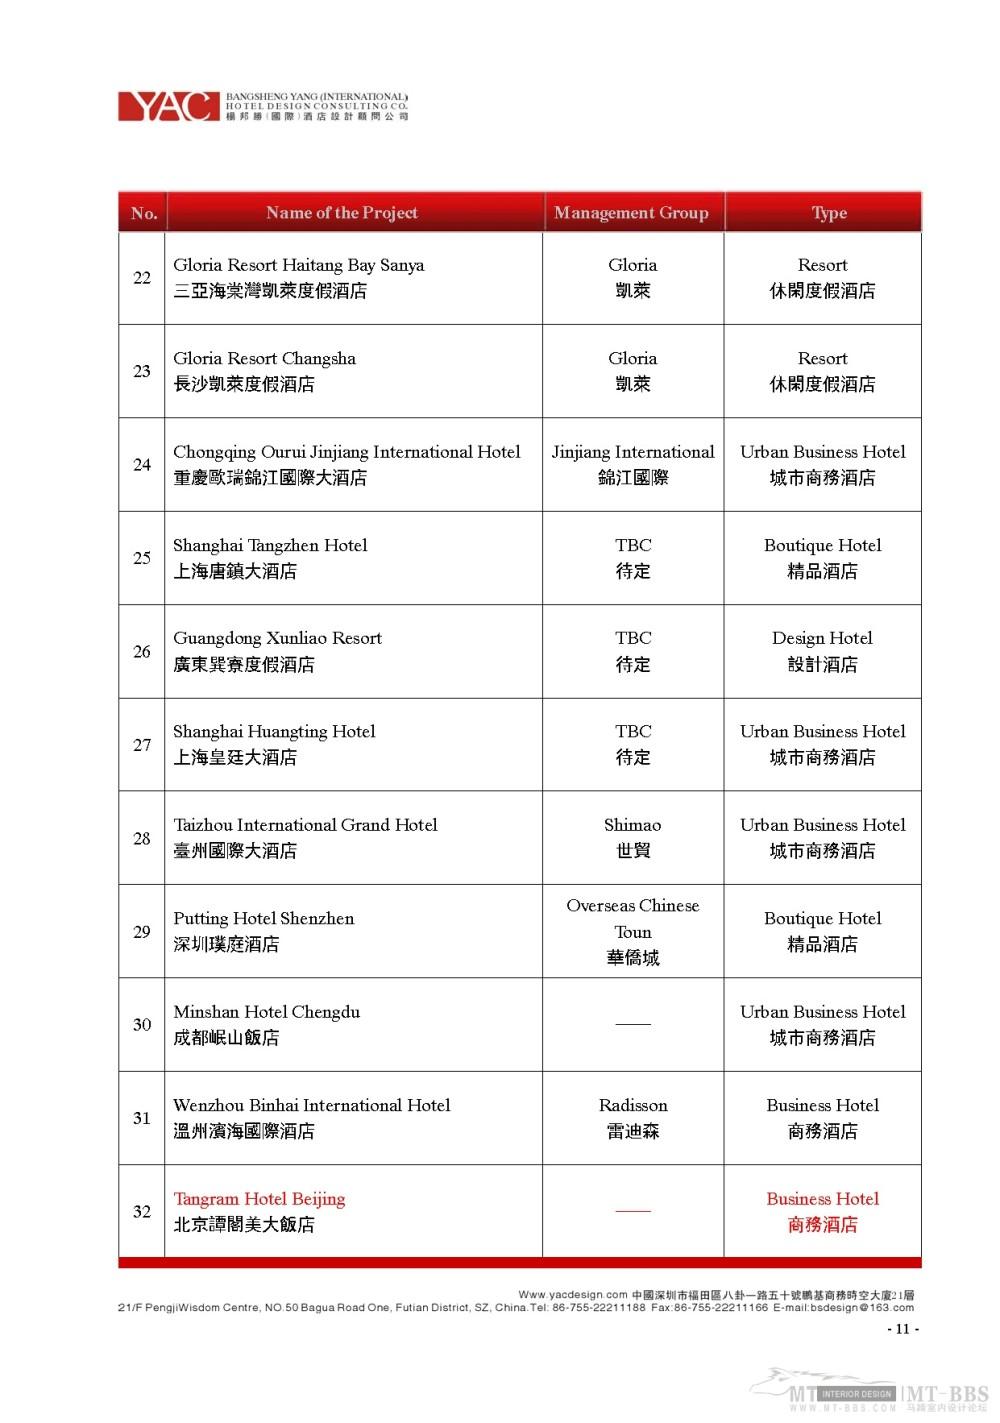 杨邦胜_2011.03.30YAC(国际)杨邦胜酒店设计顾问公司简介_页面_11.jpg